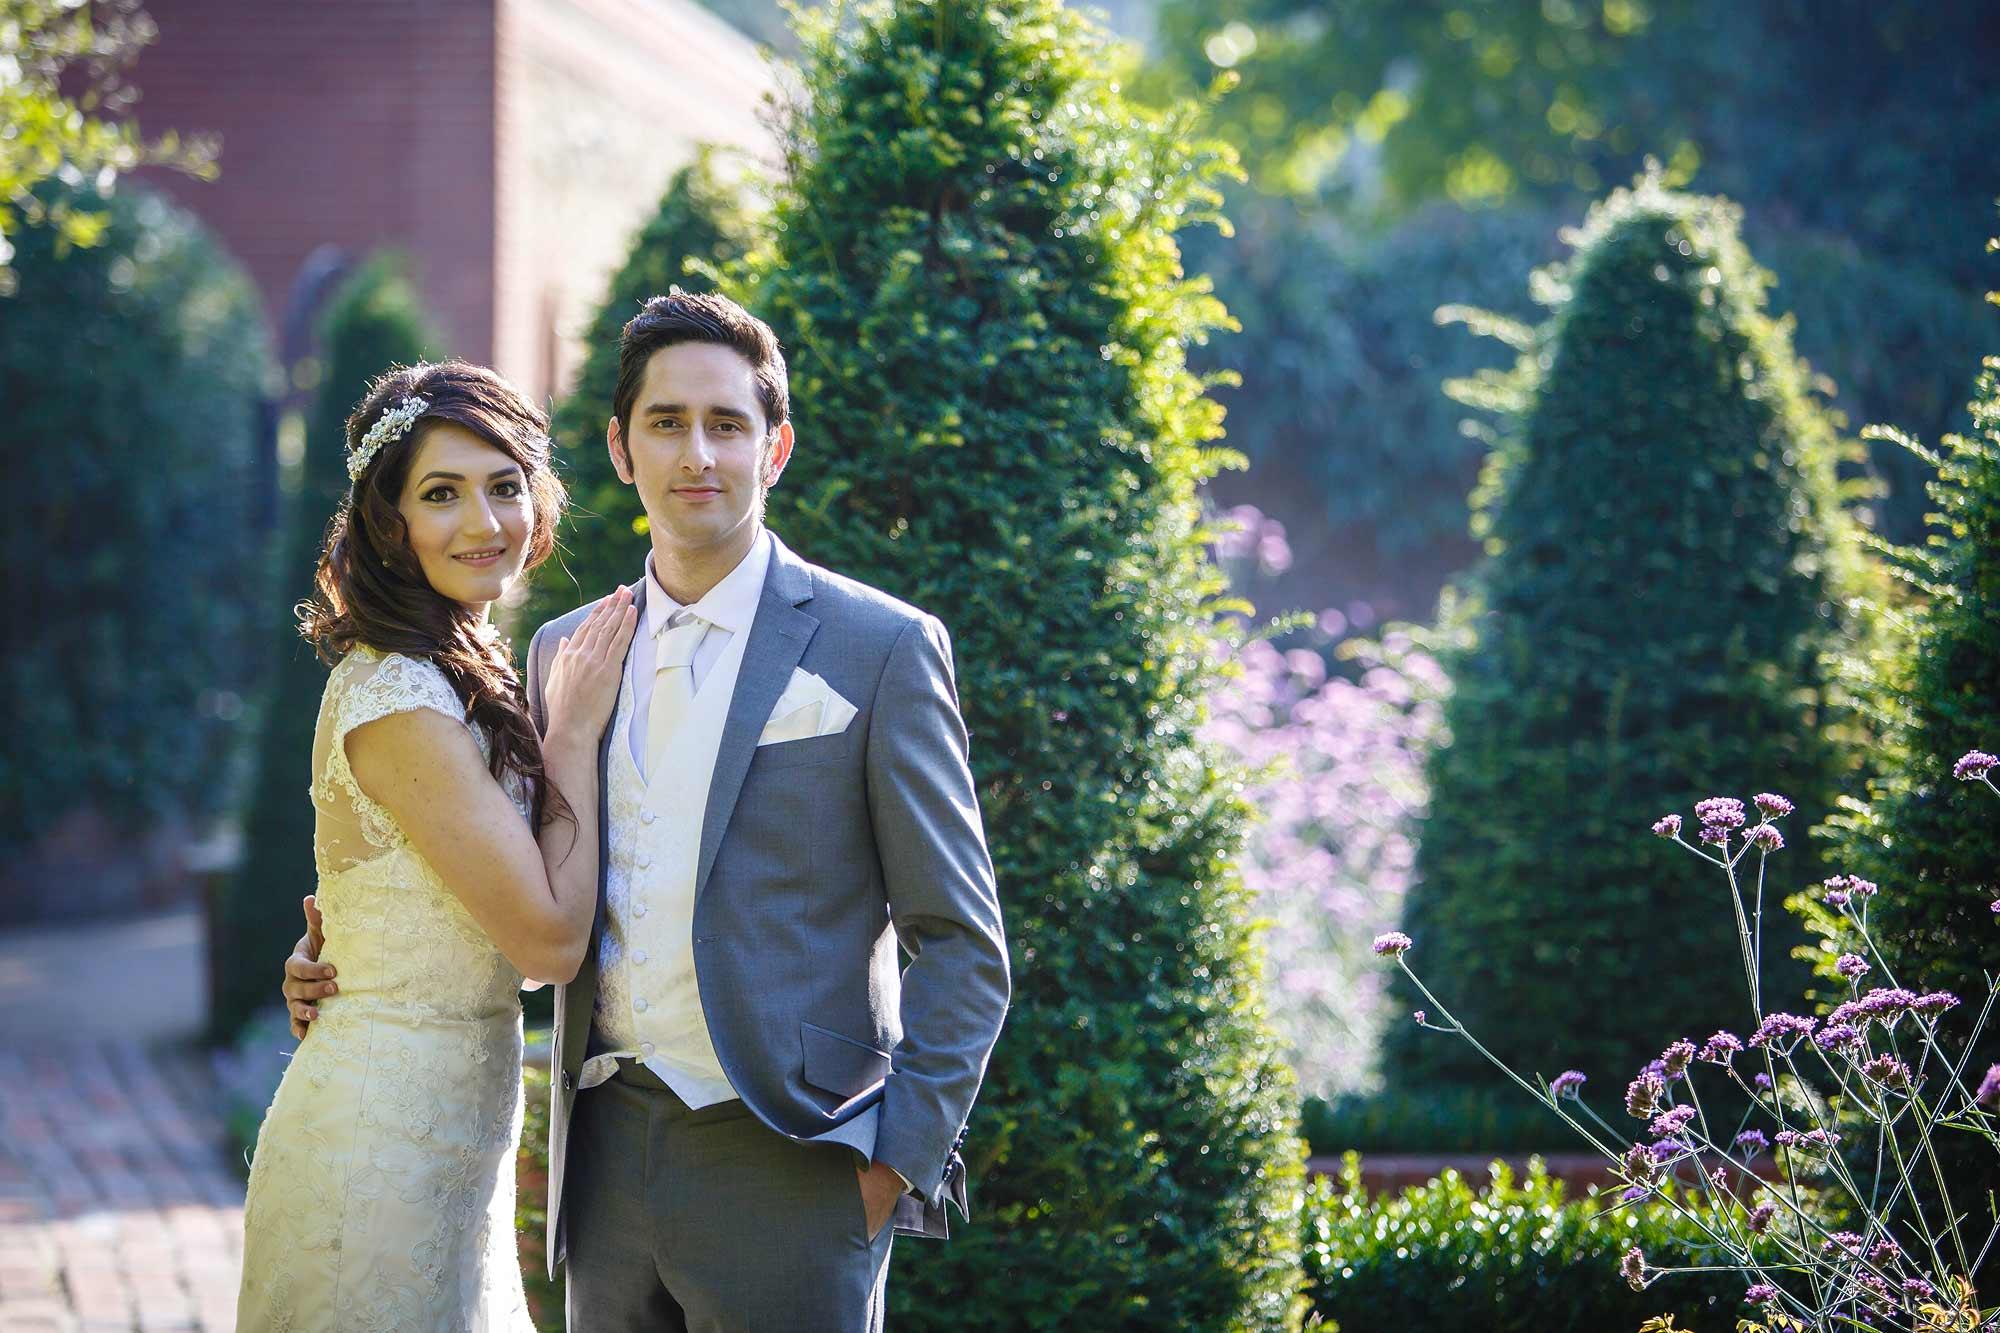 Autumn wedding the Orangery Maidstone